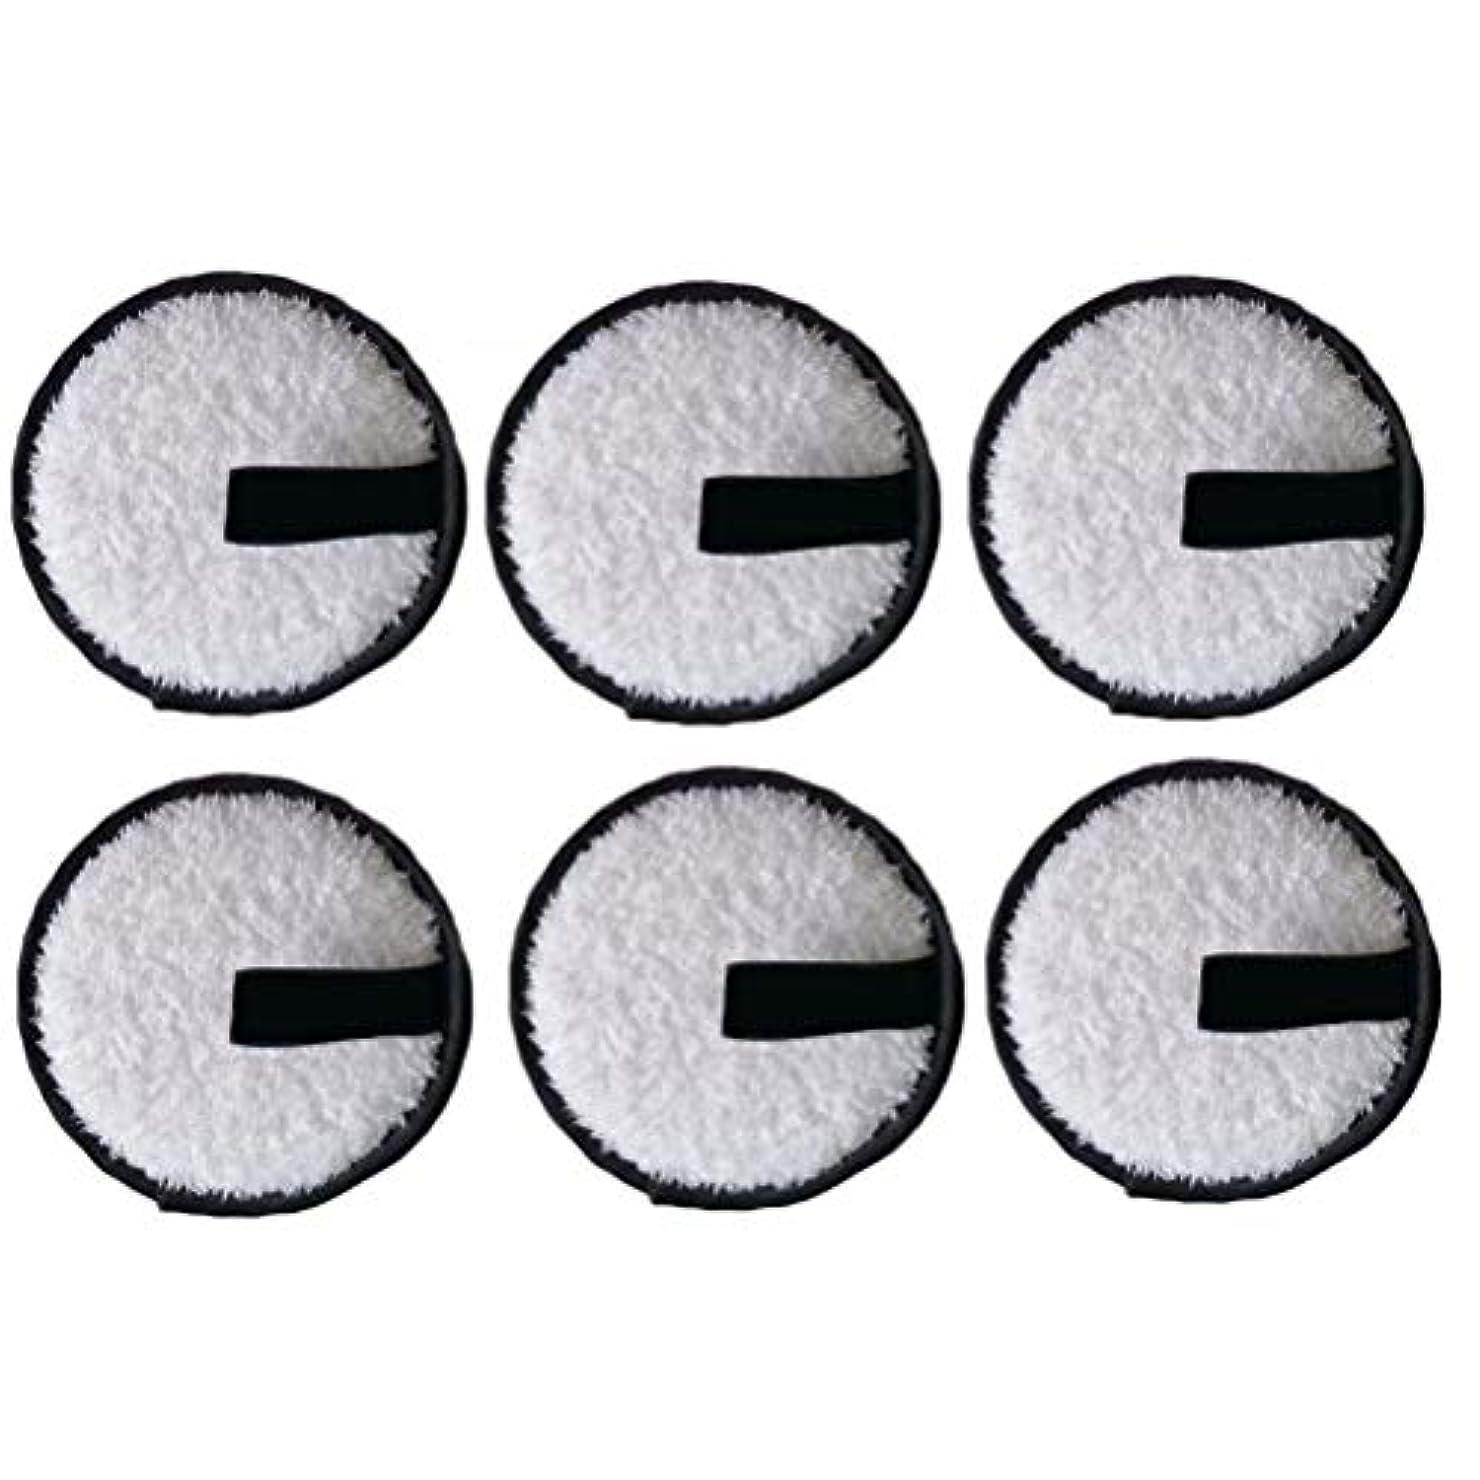 モットー叫ぶ敬LURROSE 6本洗顔パウダーパフ洗顔パウダーパフファッションメイク落とし圧縮パッド(黒)